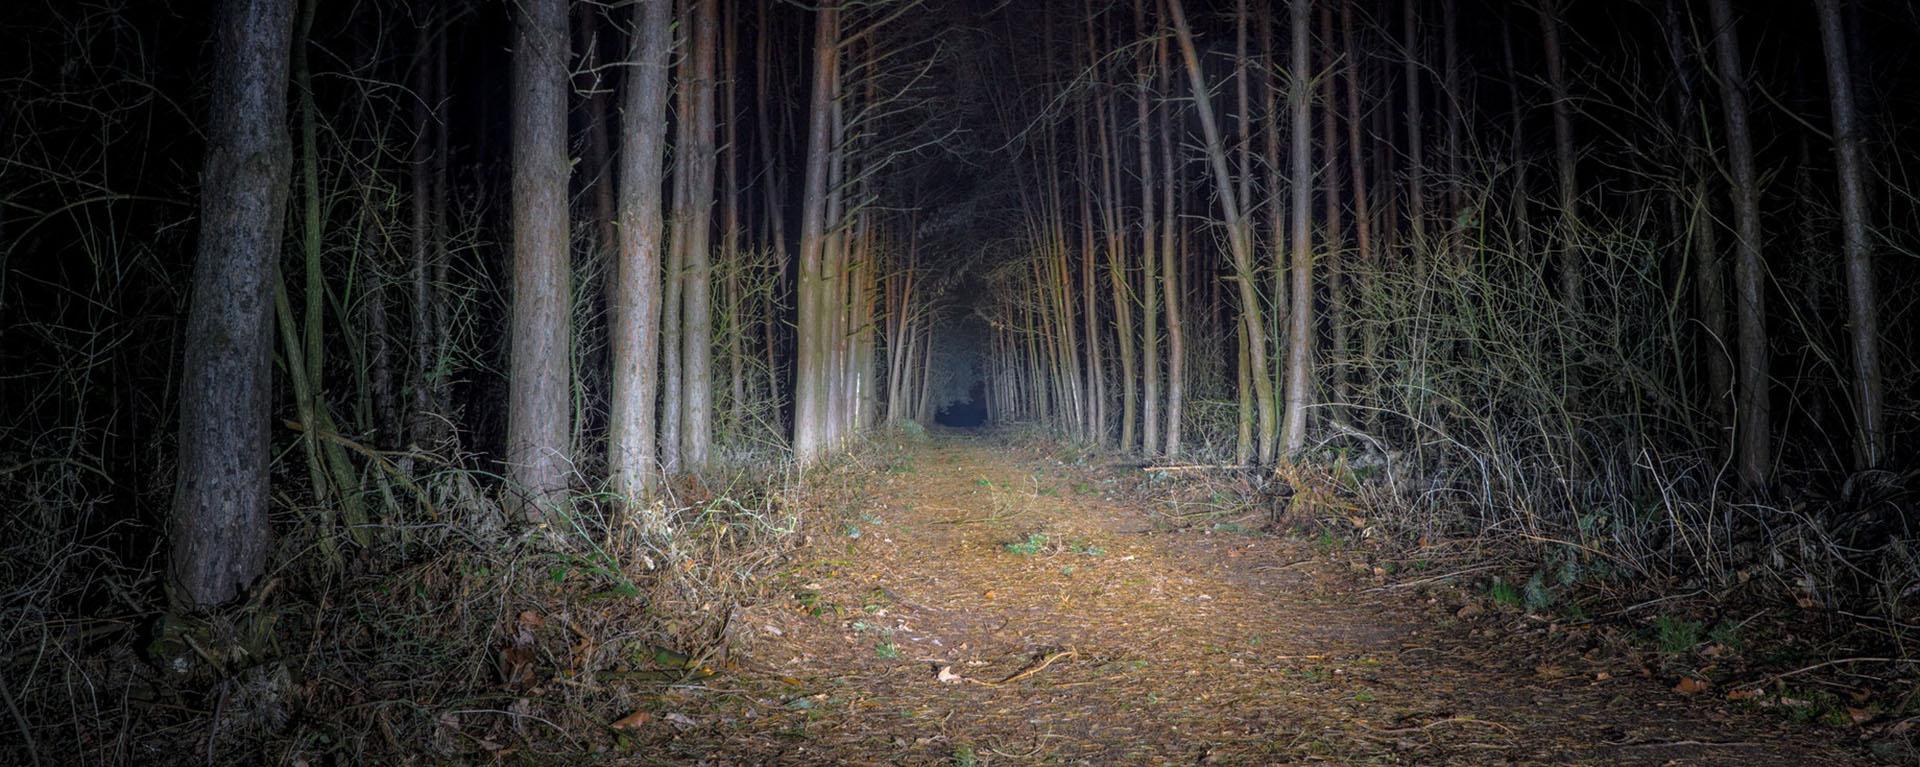 las nocą - wyprawa rowerowa z sakwami - noclegi dla rowerzystów